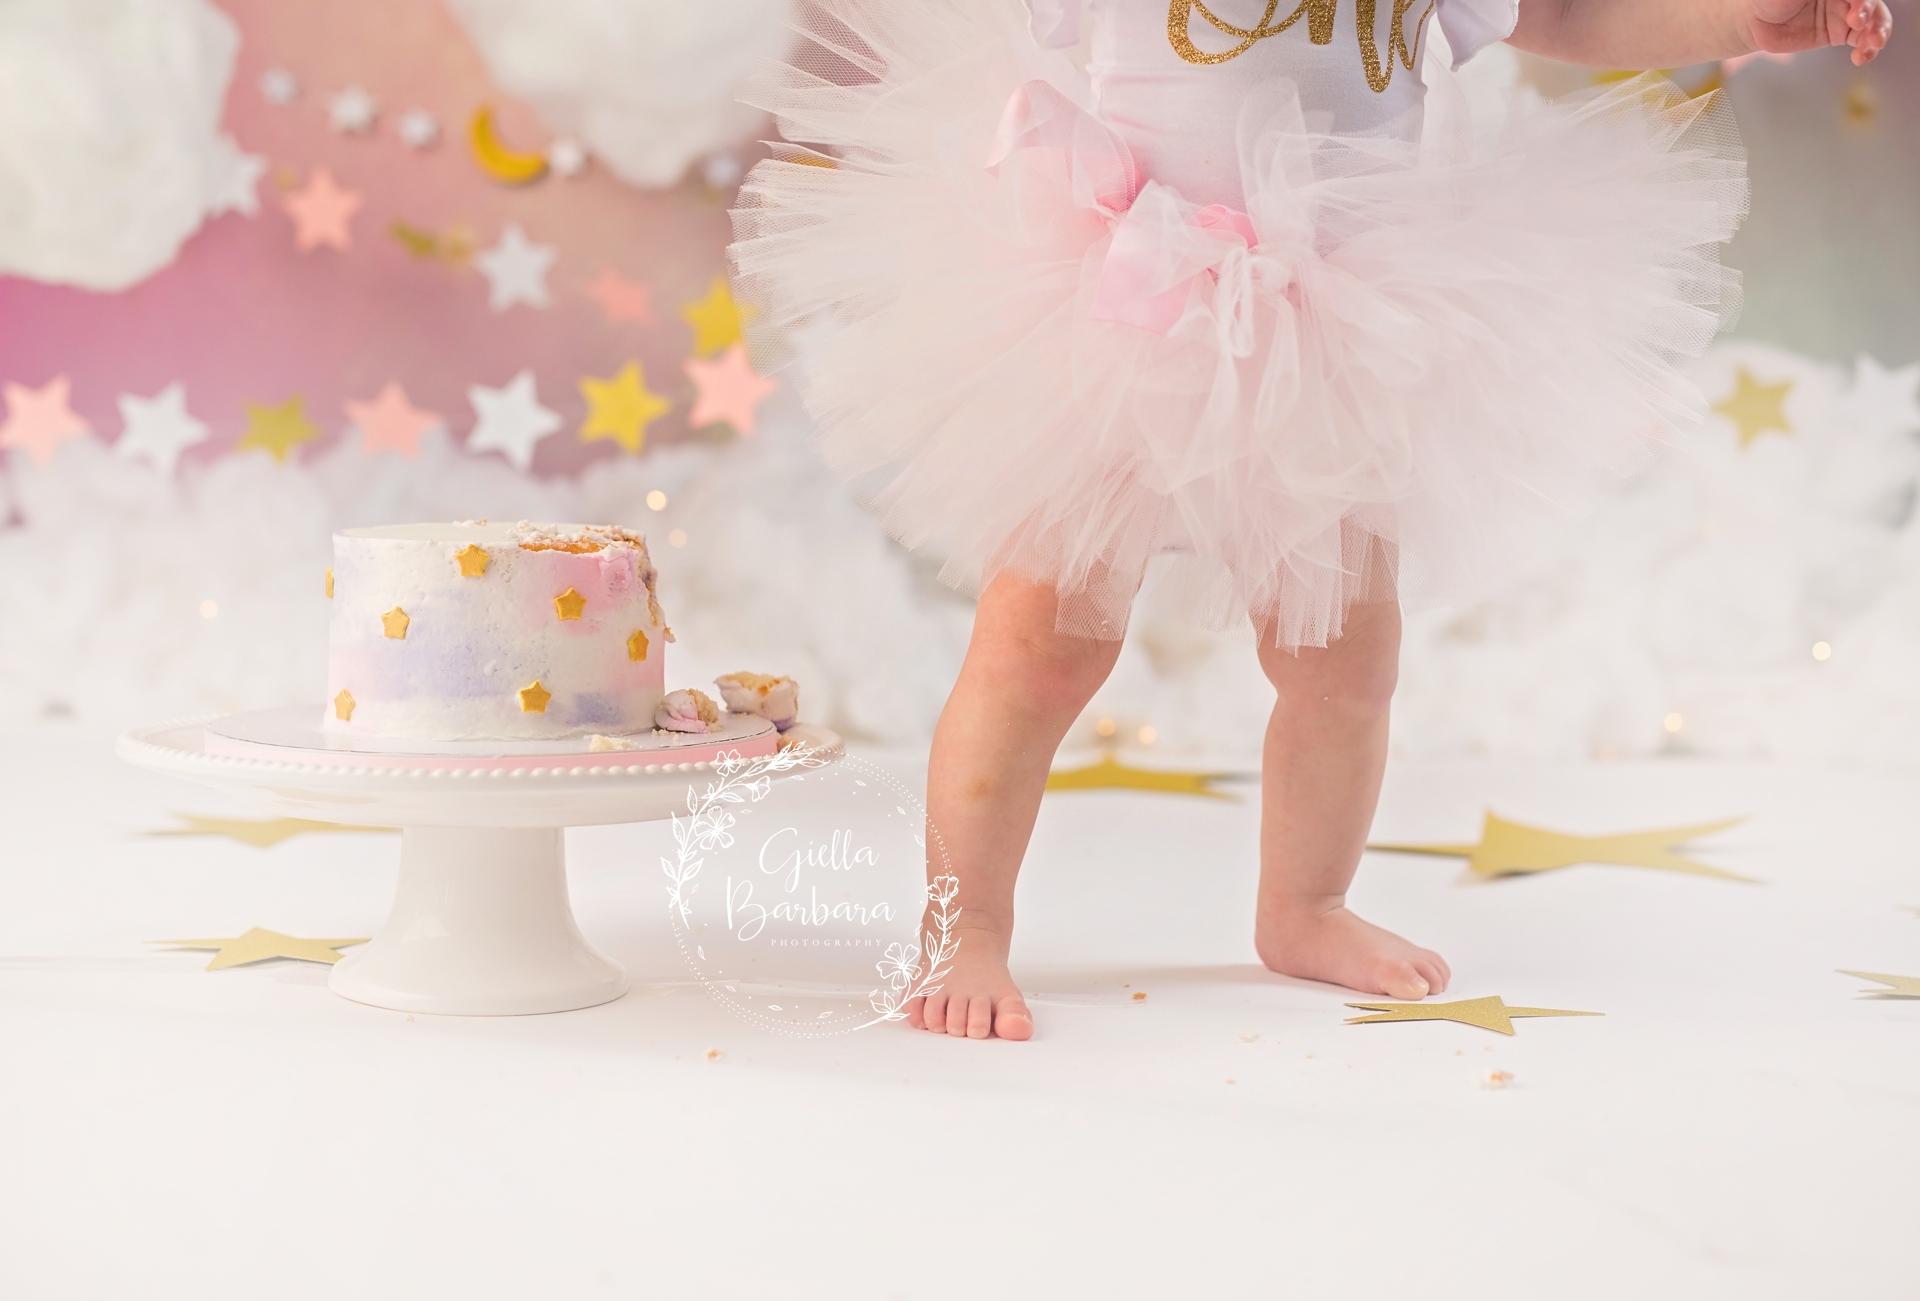 cake smash and feet